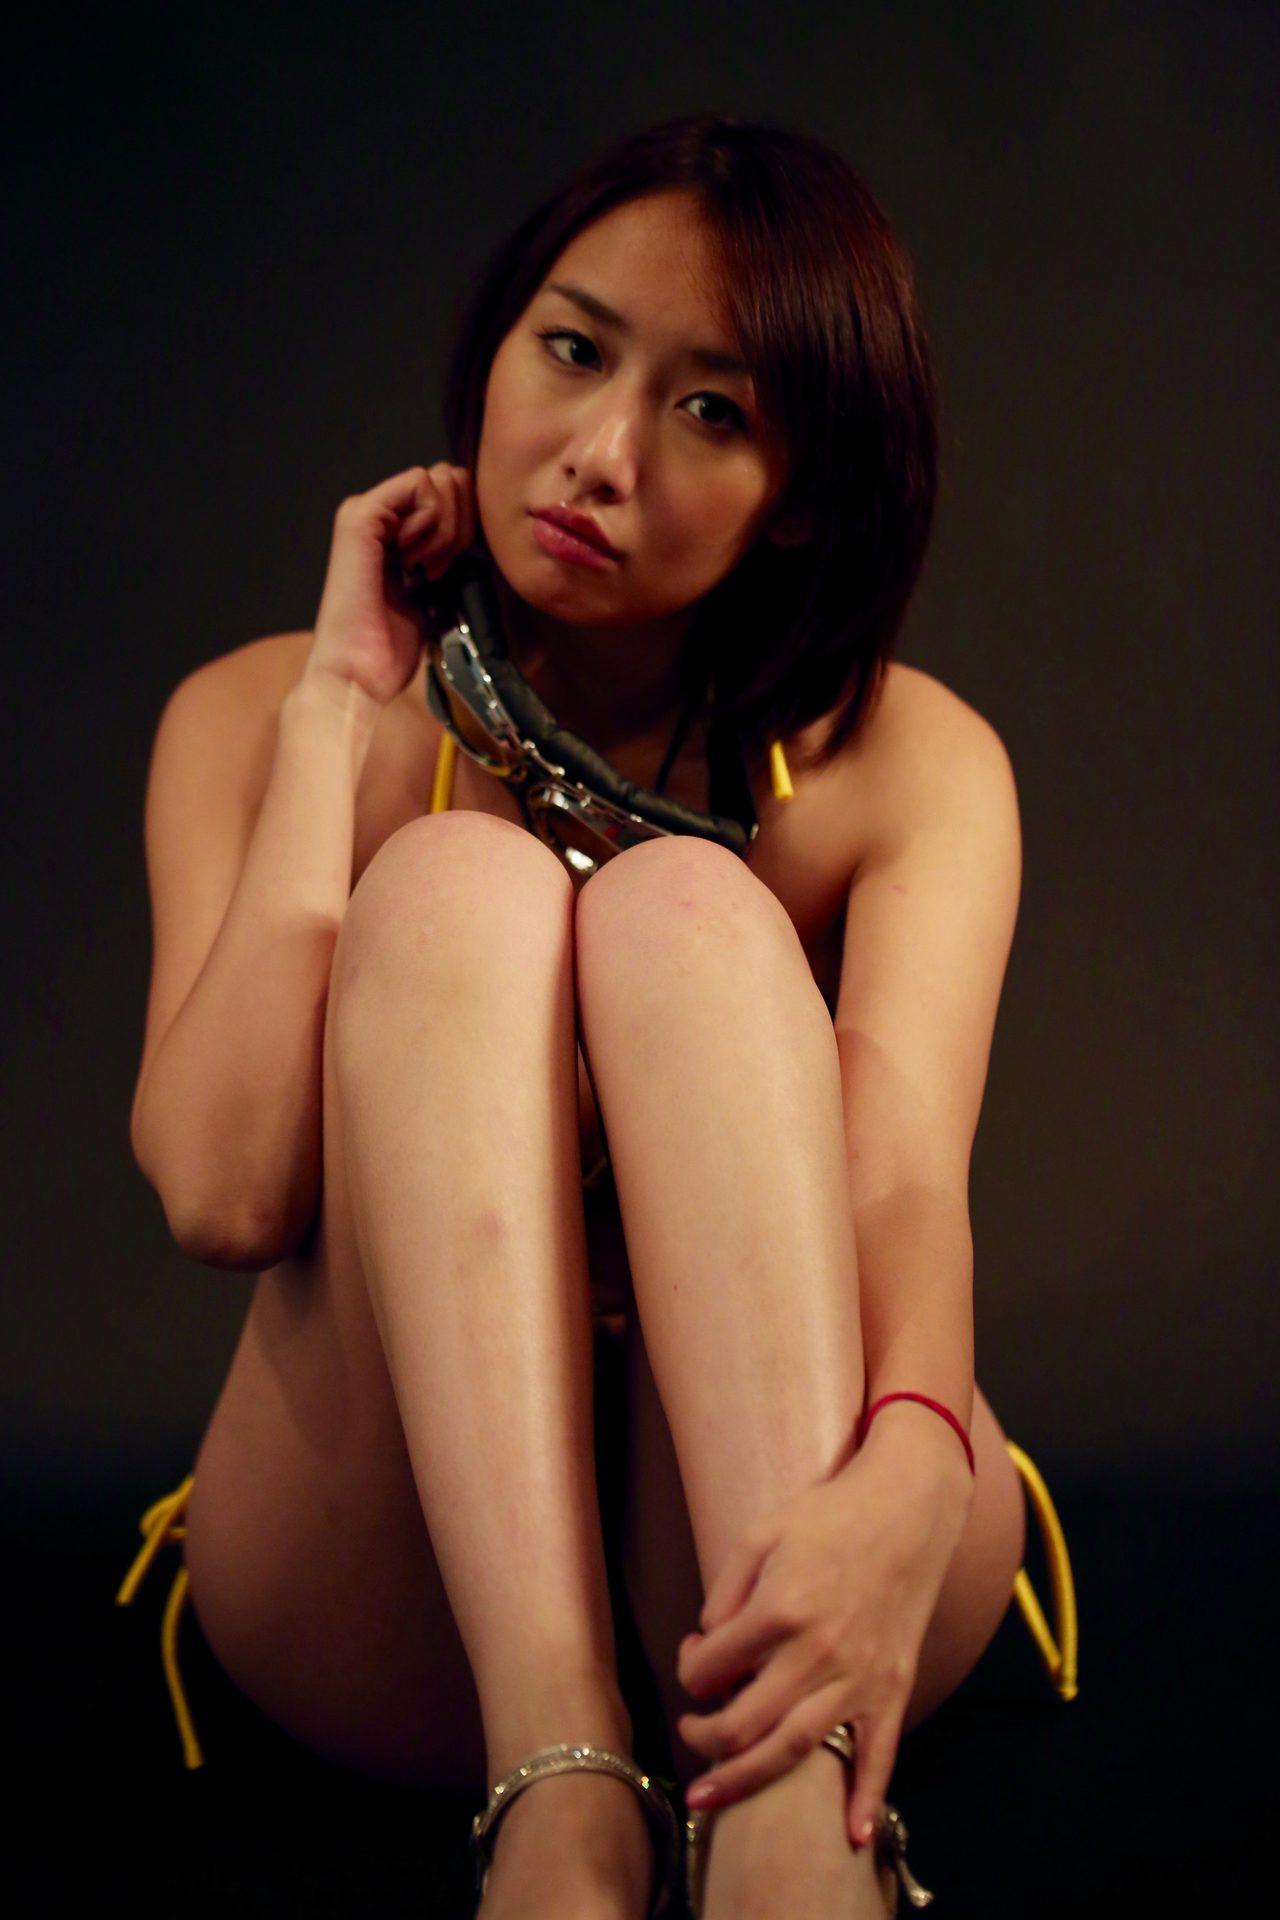 画像2: グラビア【ヘルメット女子】SEASON-XIII 019 素顔編